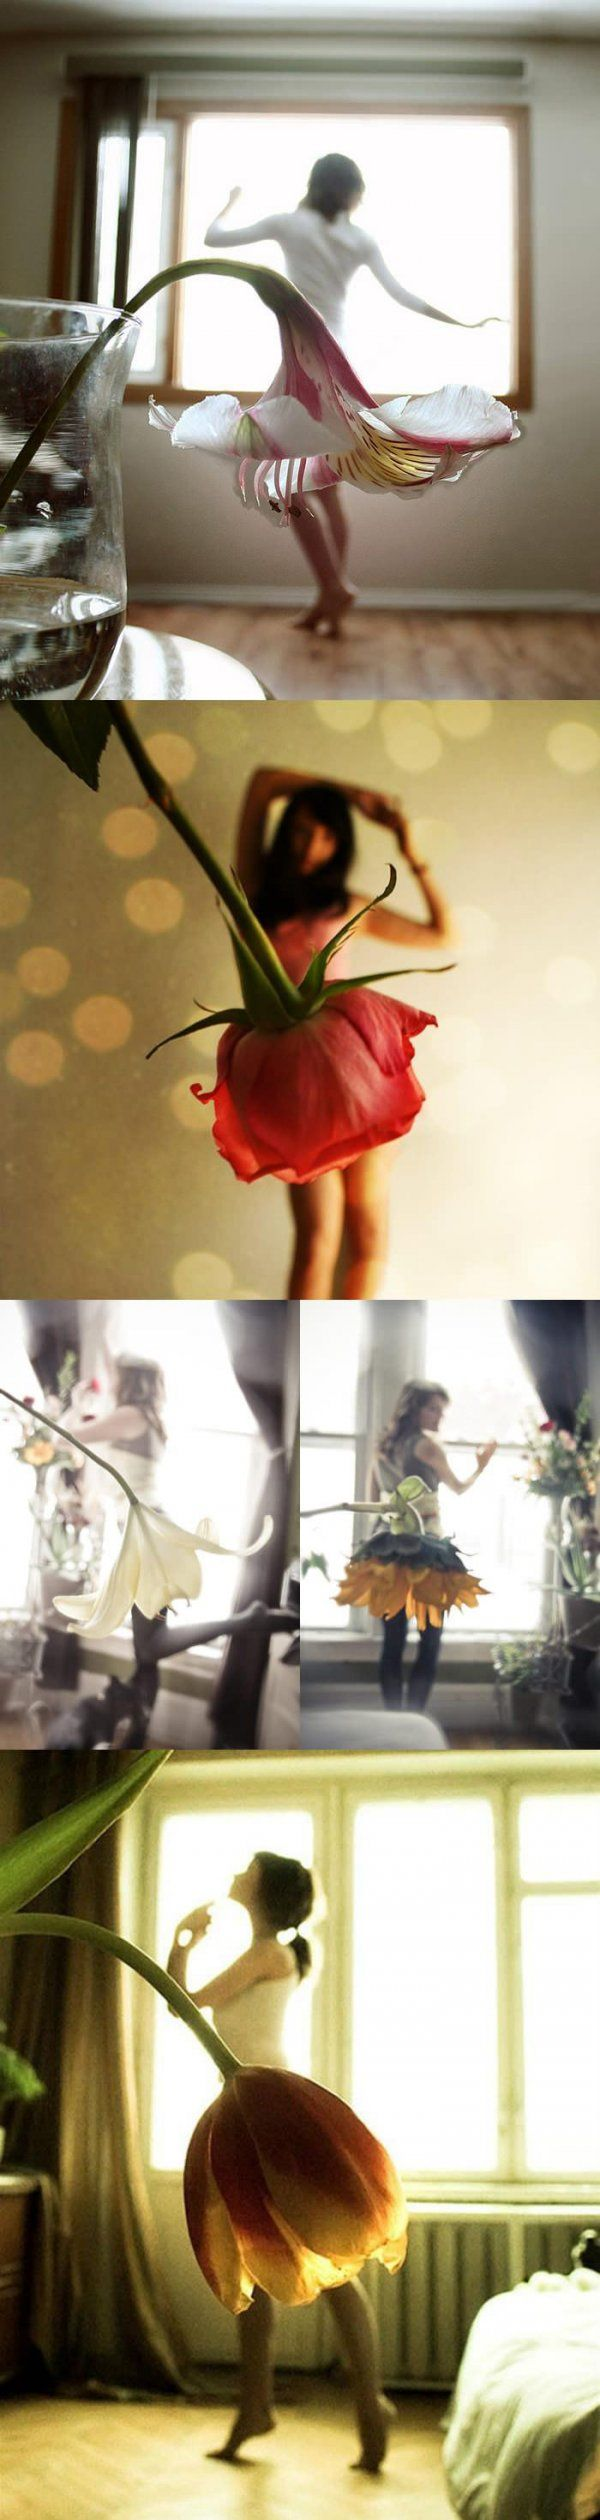 Blumen-Kleider - Win Bild | Webfail - Fail Bilder und Fail Videos